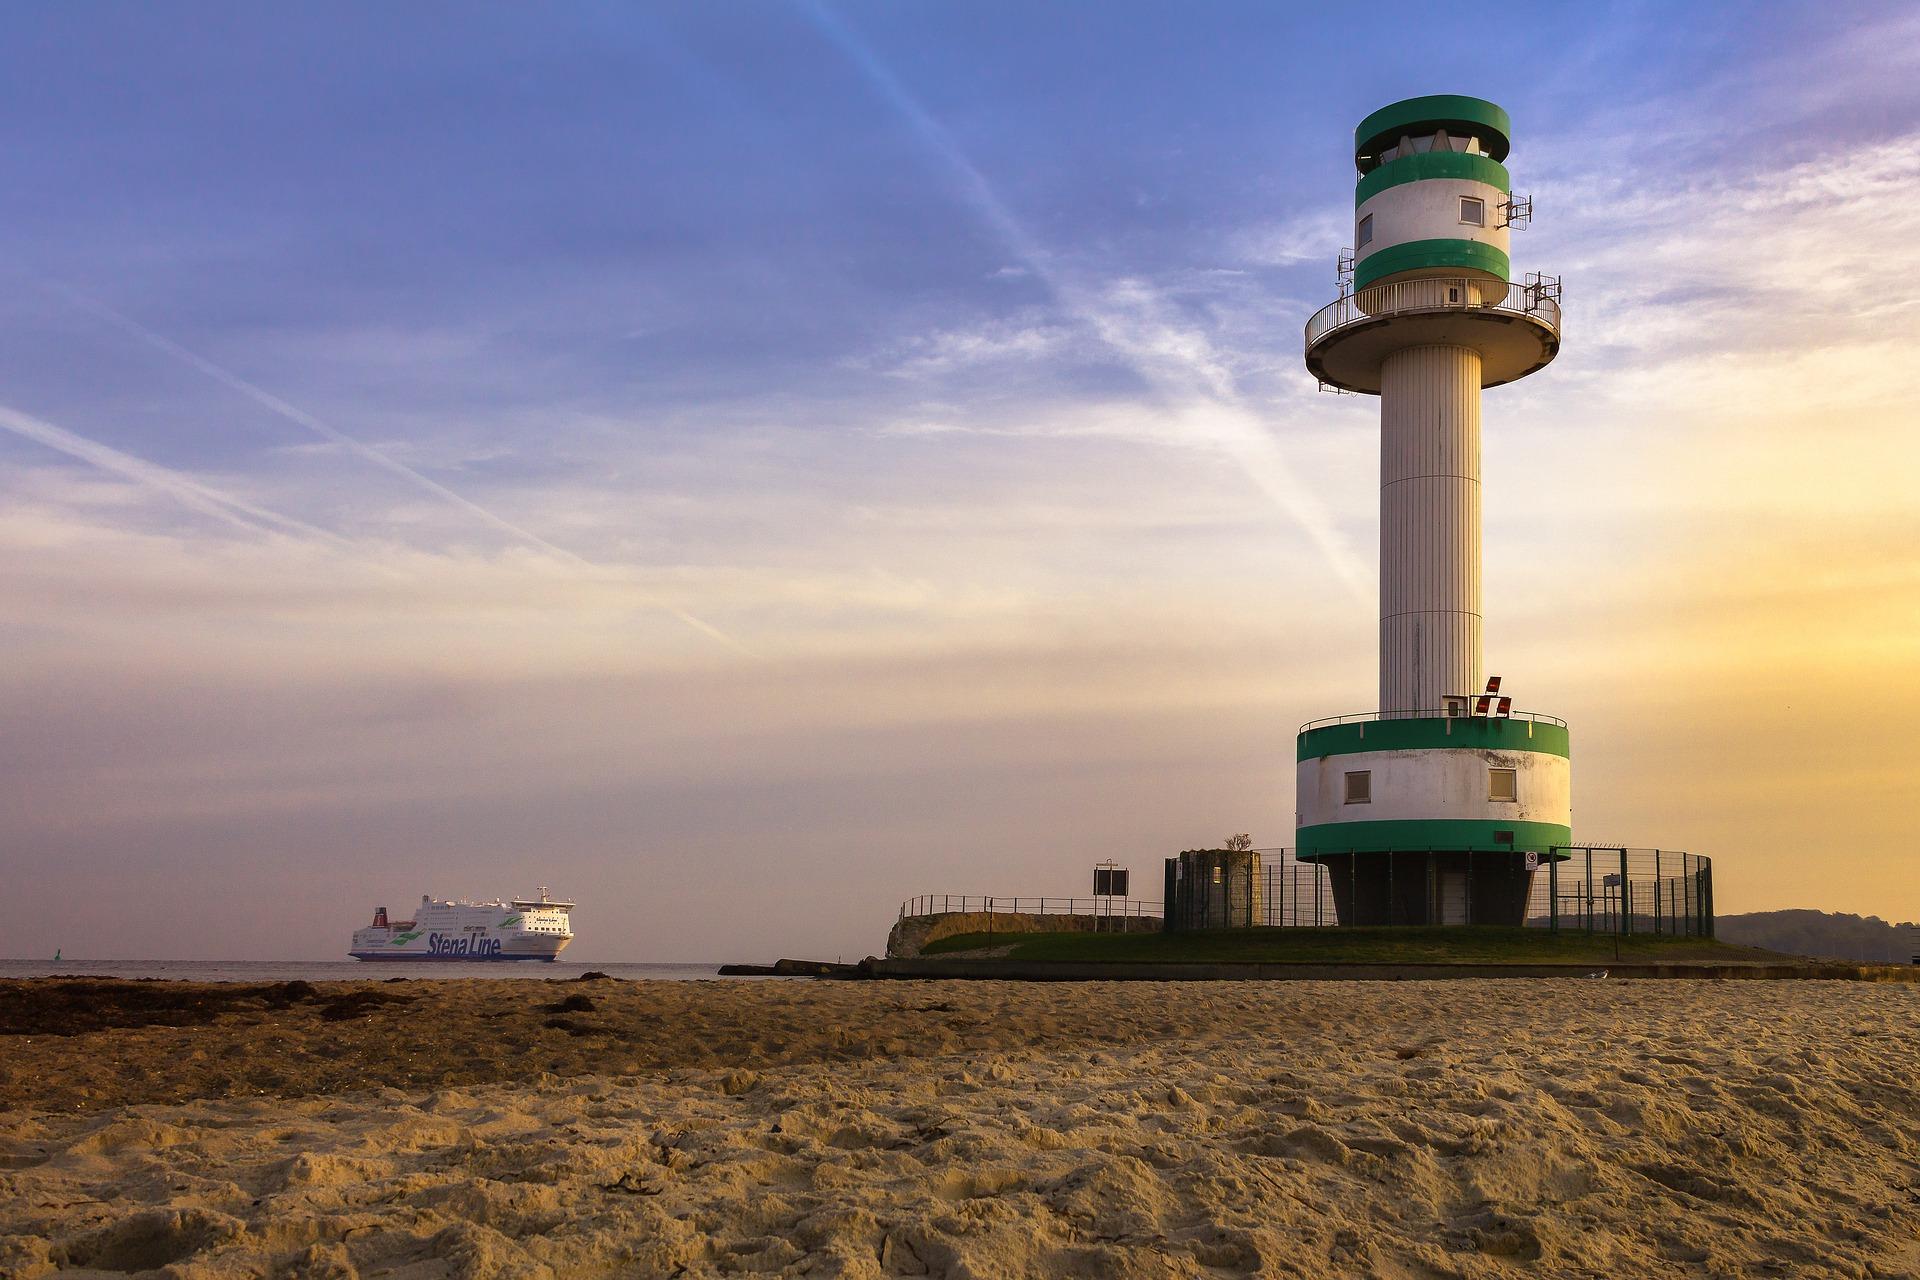 Photo of the city Kiel